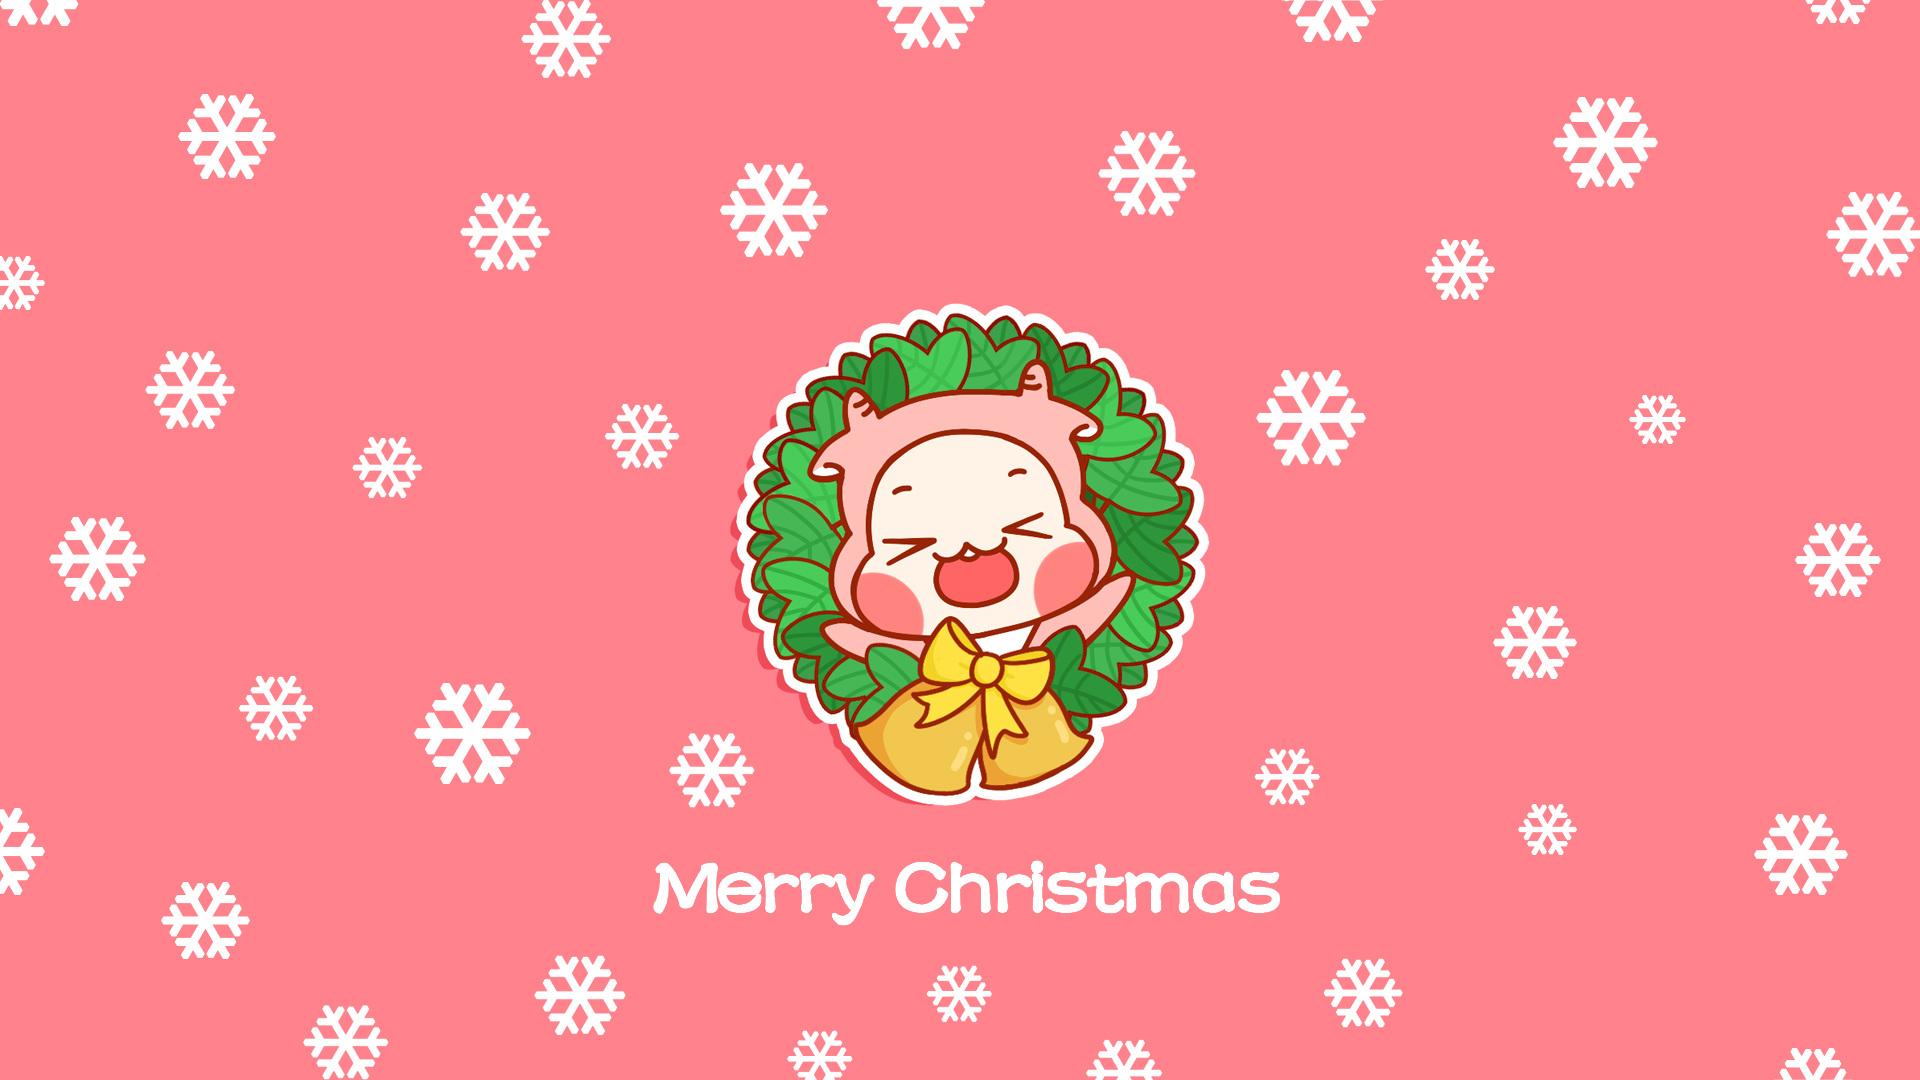 圣诞快乐~圣诞主题超可爱壁纸头像来啦